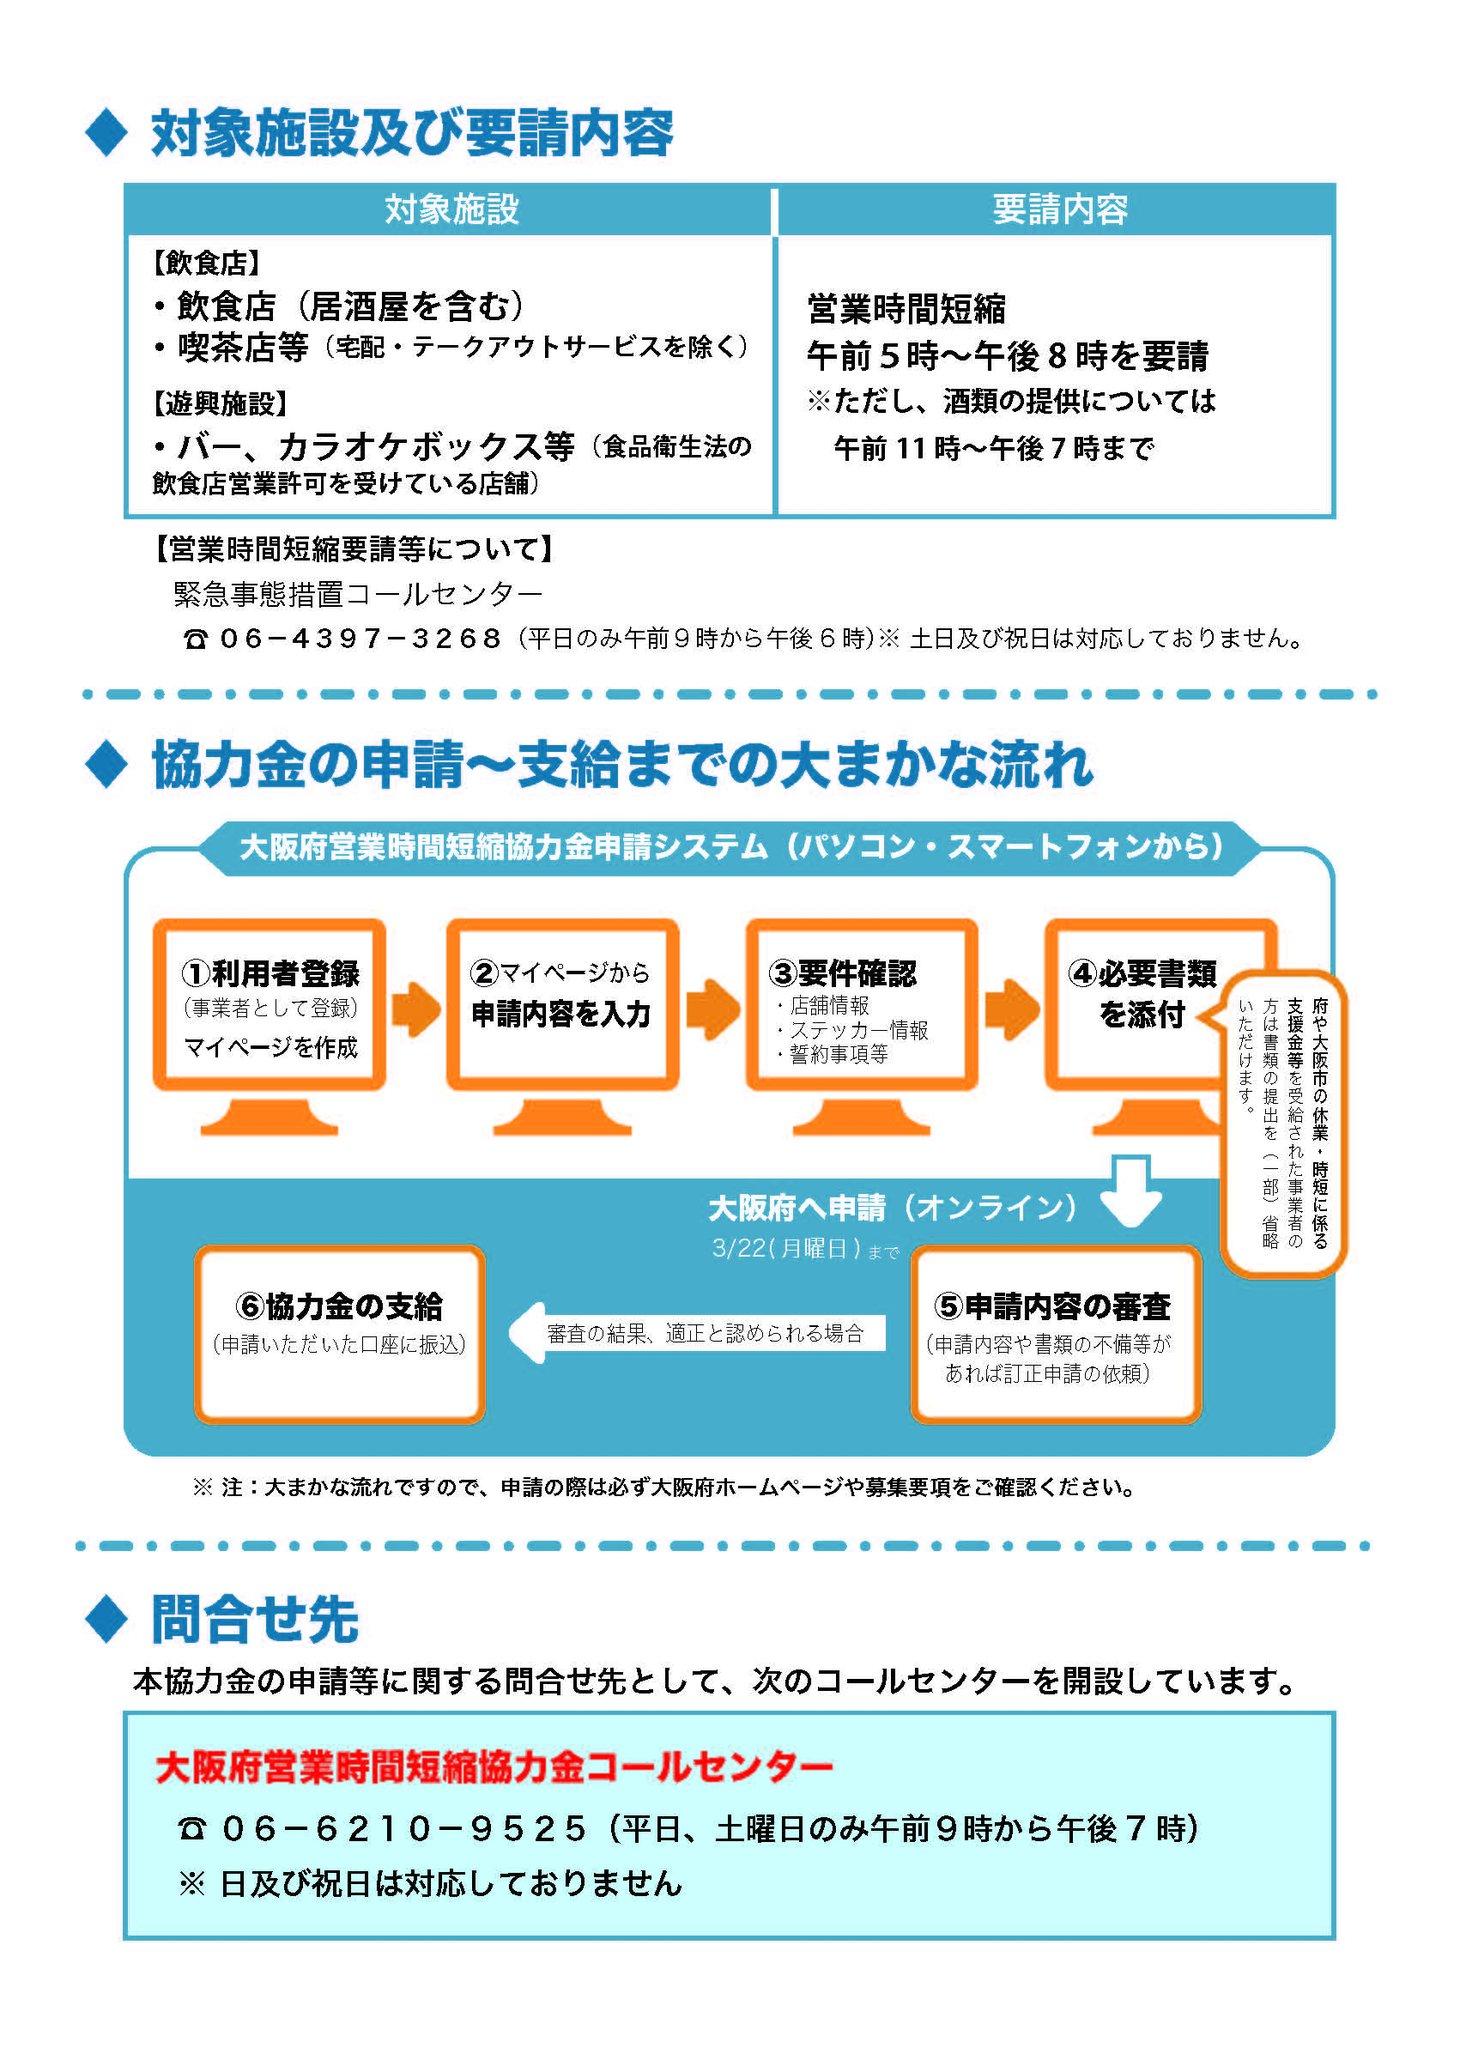 時短 金 協力 市 営業 申請 大阪